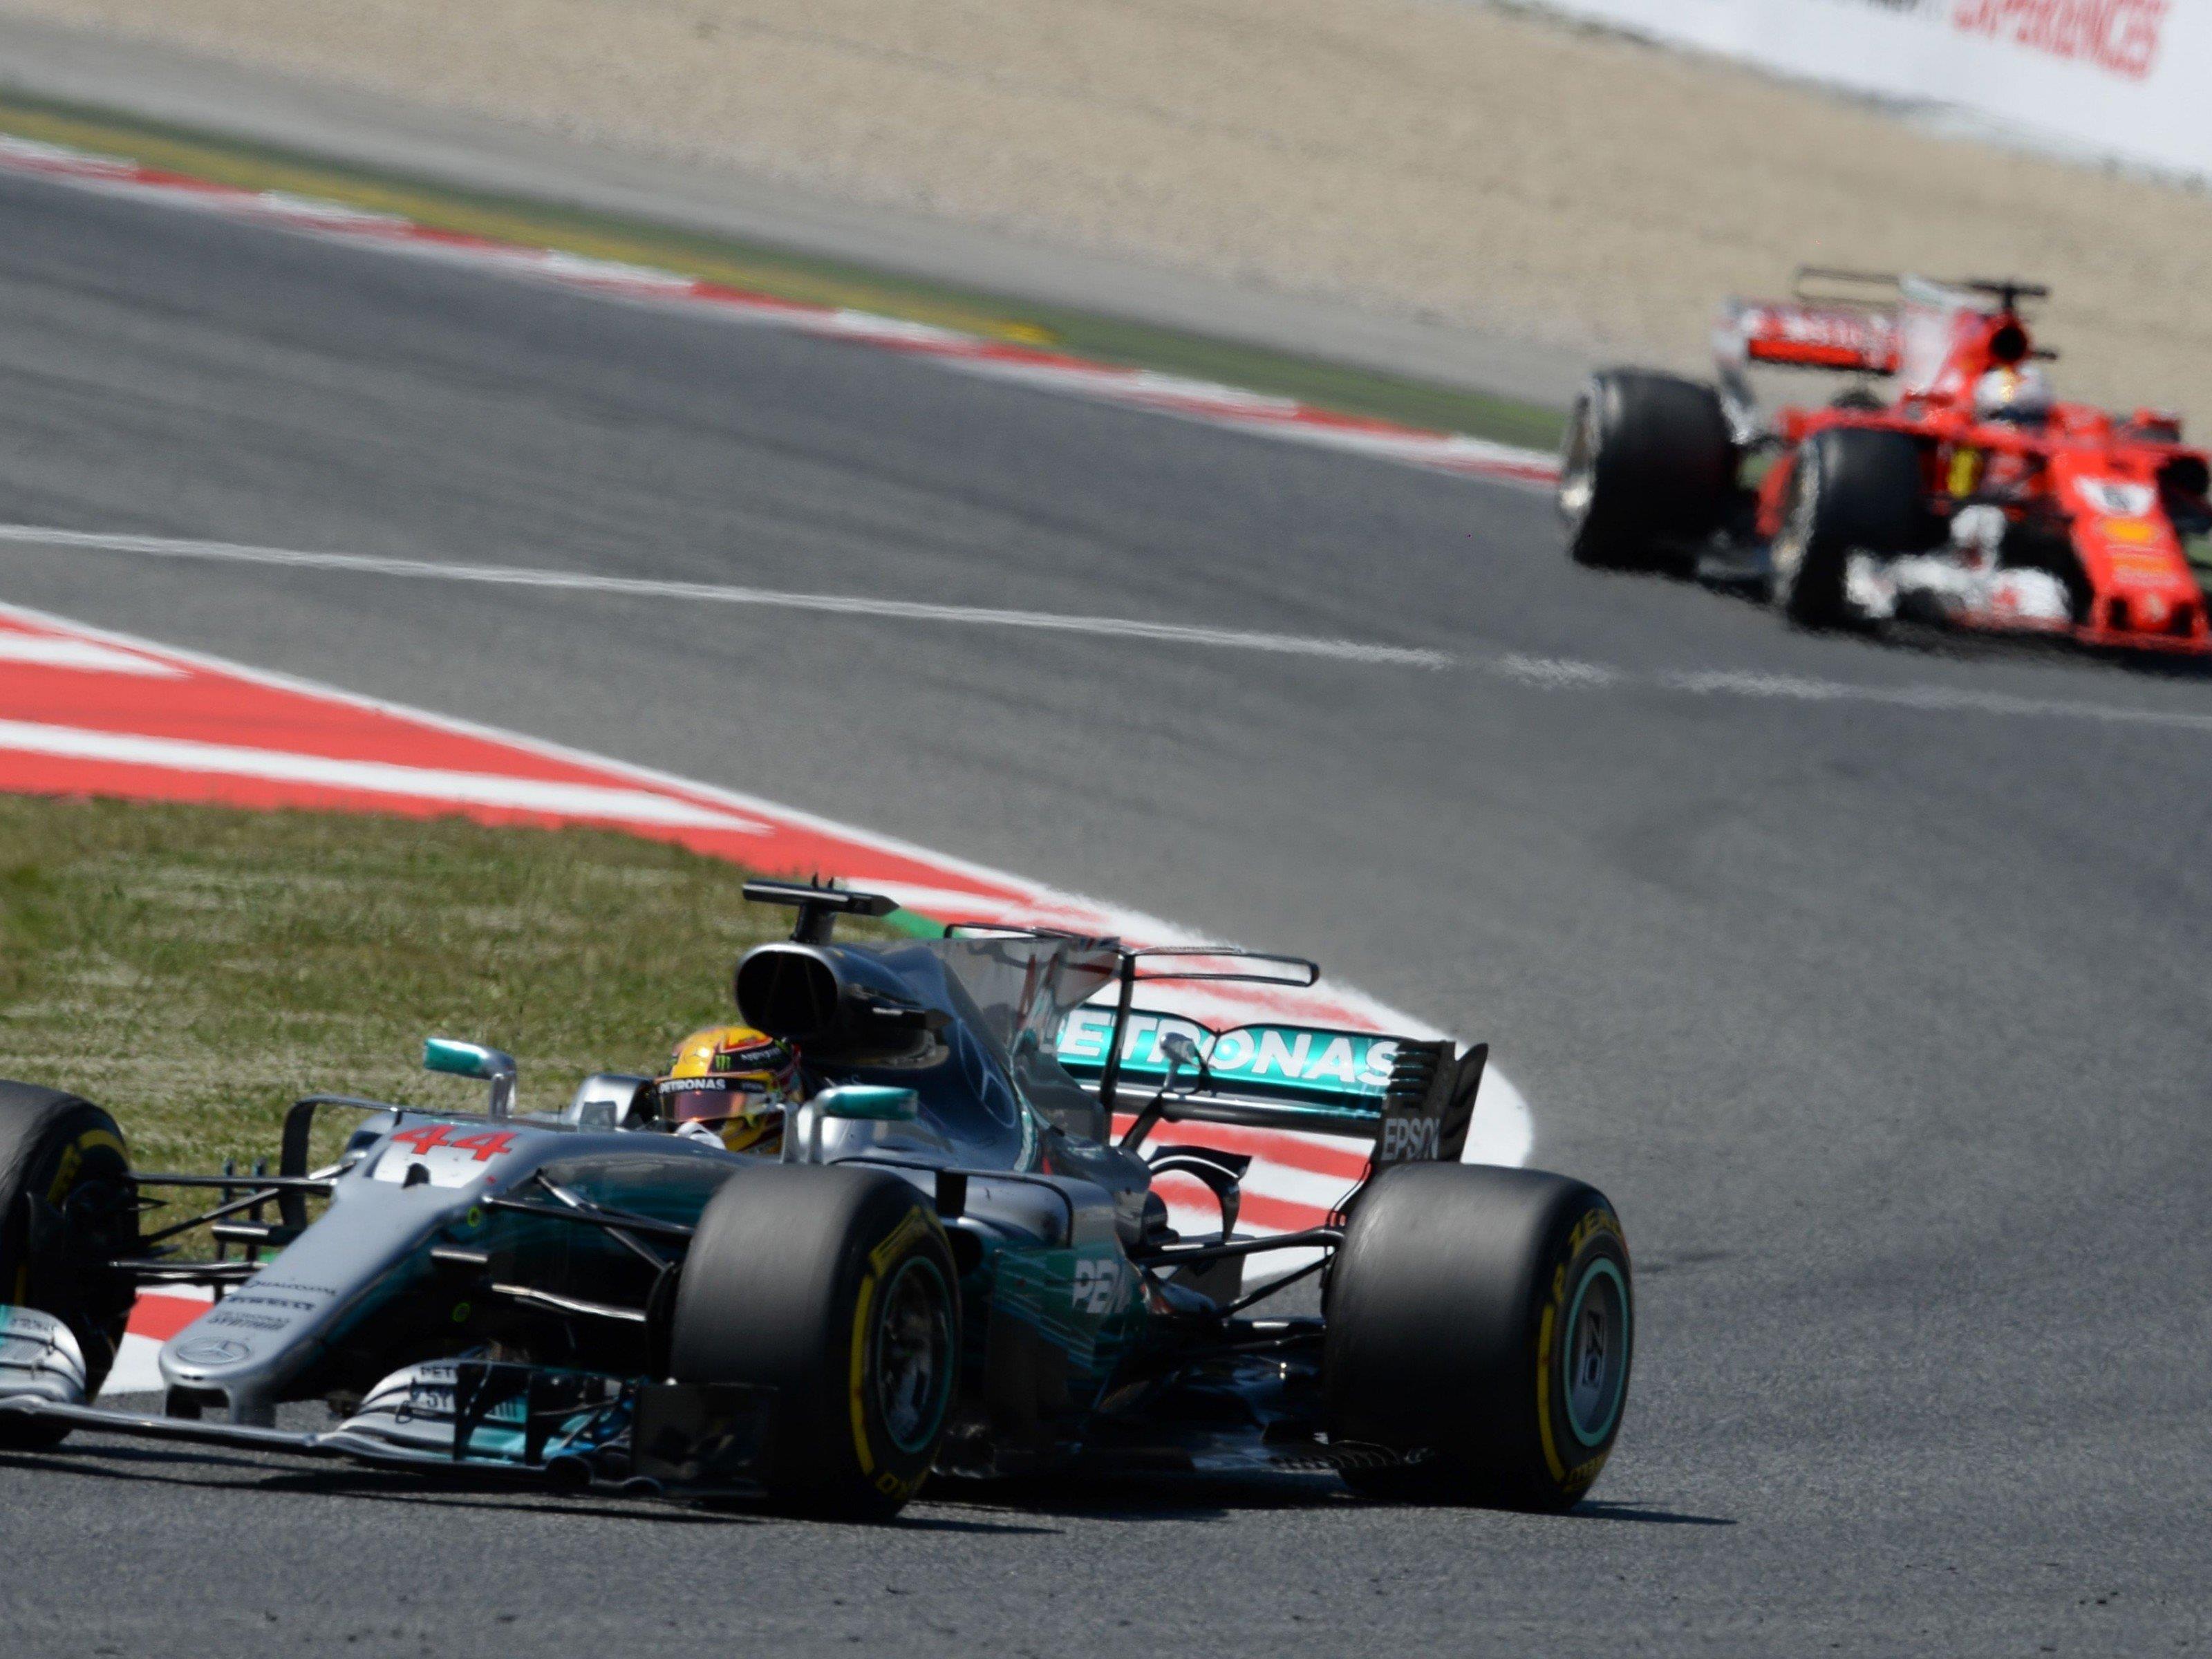 Lewis Hamilton setzte sich in Barcelona gegen Sebastian Vettel durch.